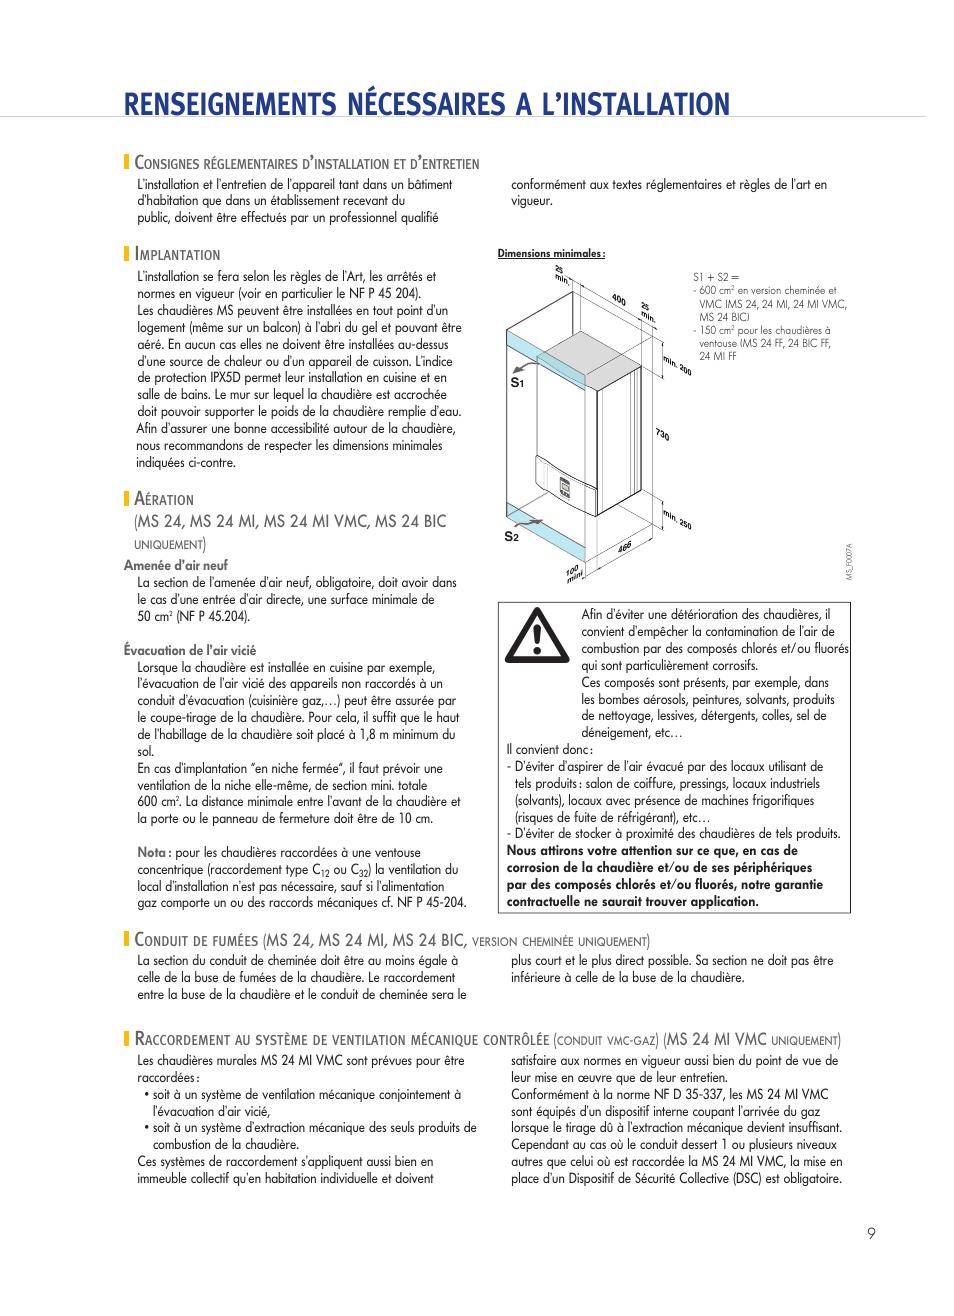 Vmc obligatoire ou pas principe duune vmc vmc double flux for Ramonage obligatoire ou pas